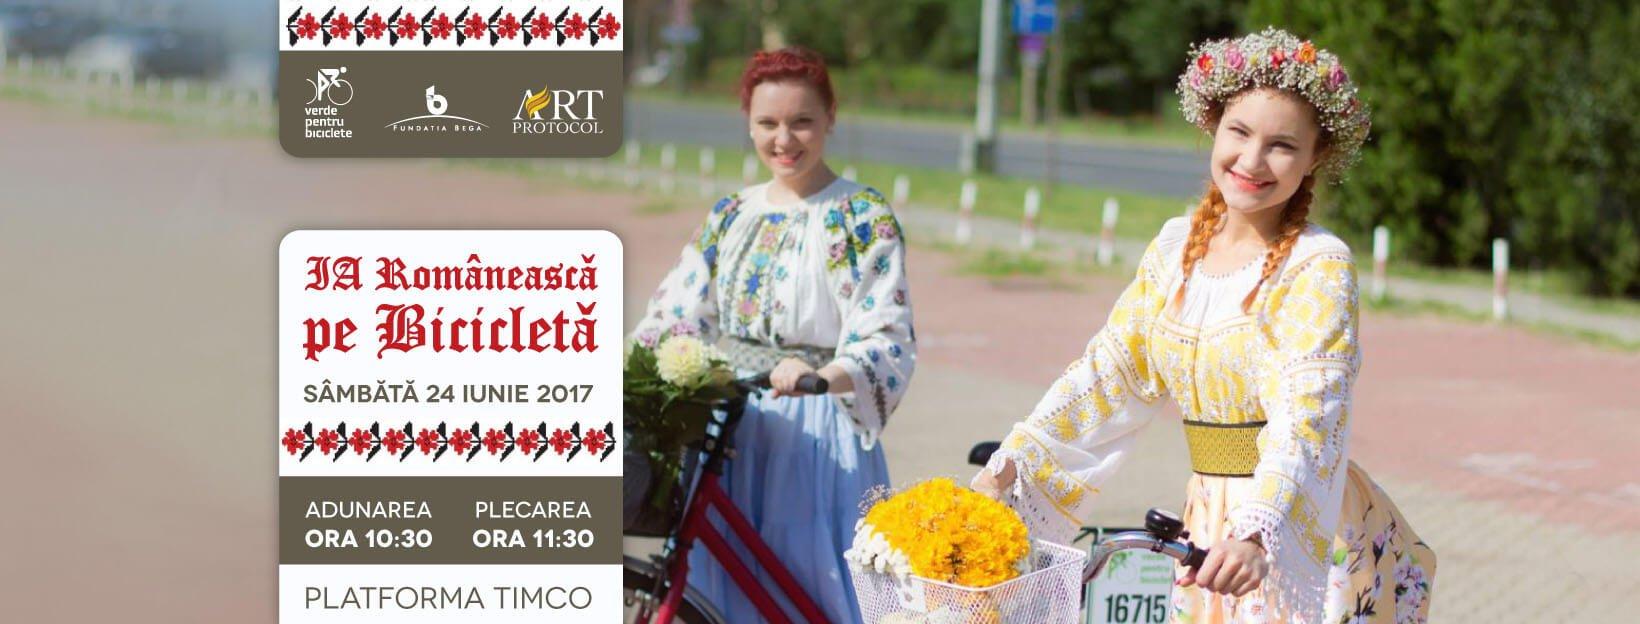 Ia romaneasca pe biciclete 2017 Timisoara